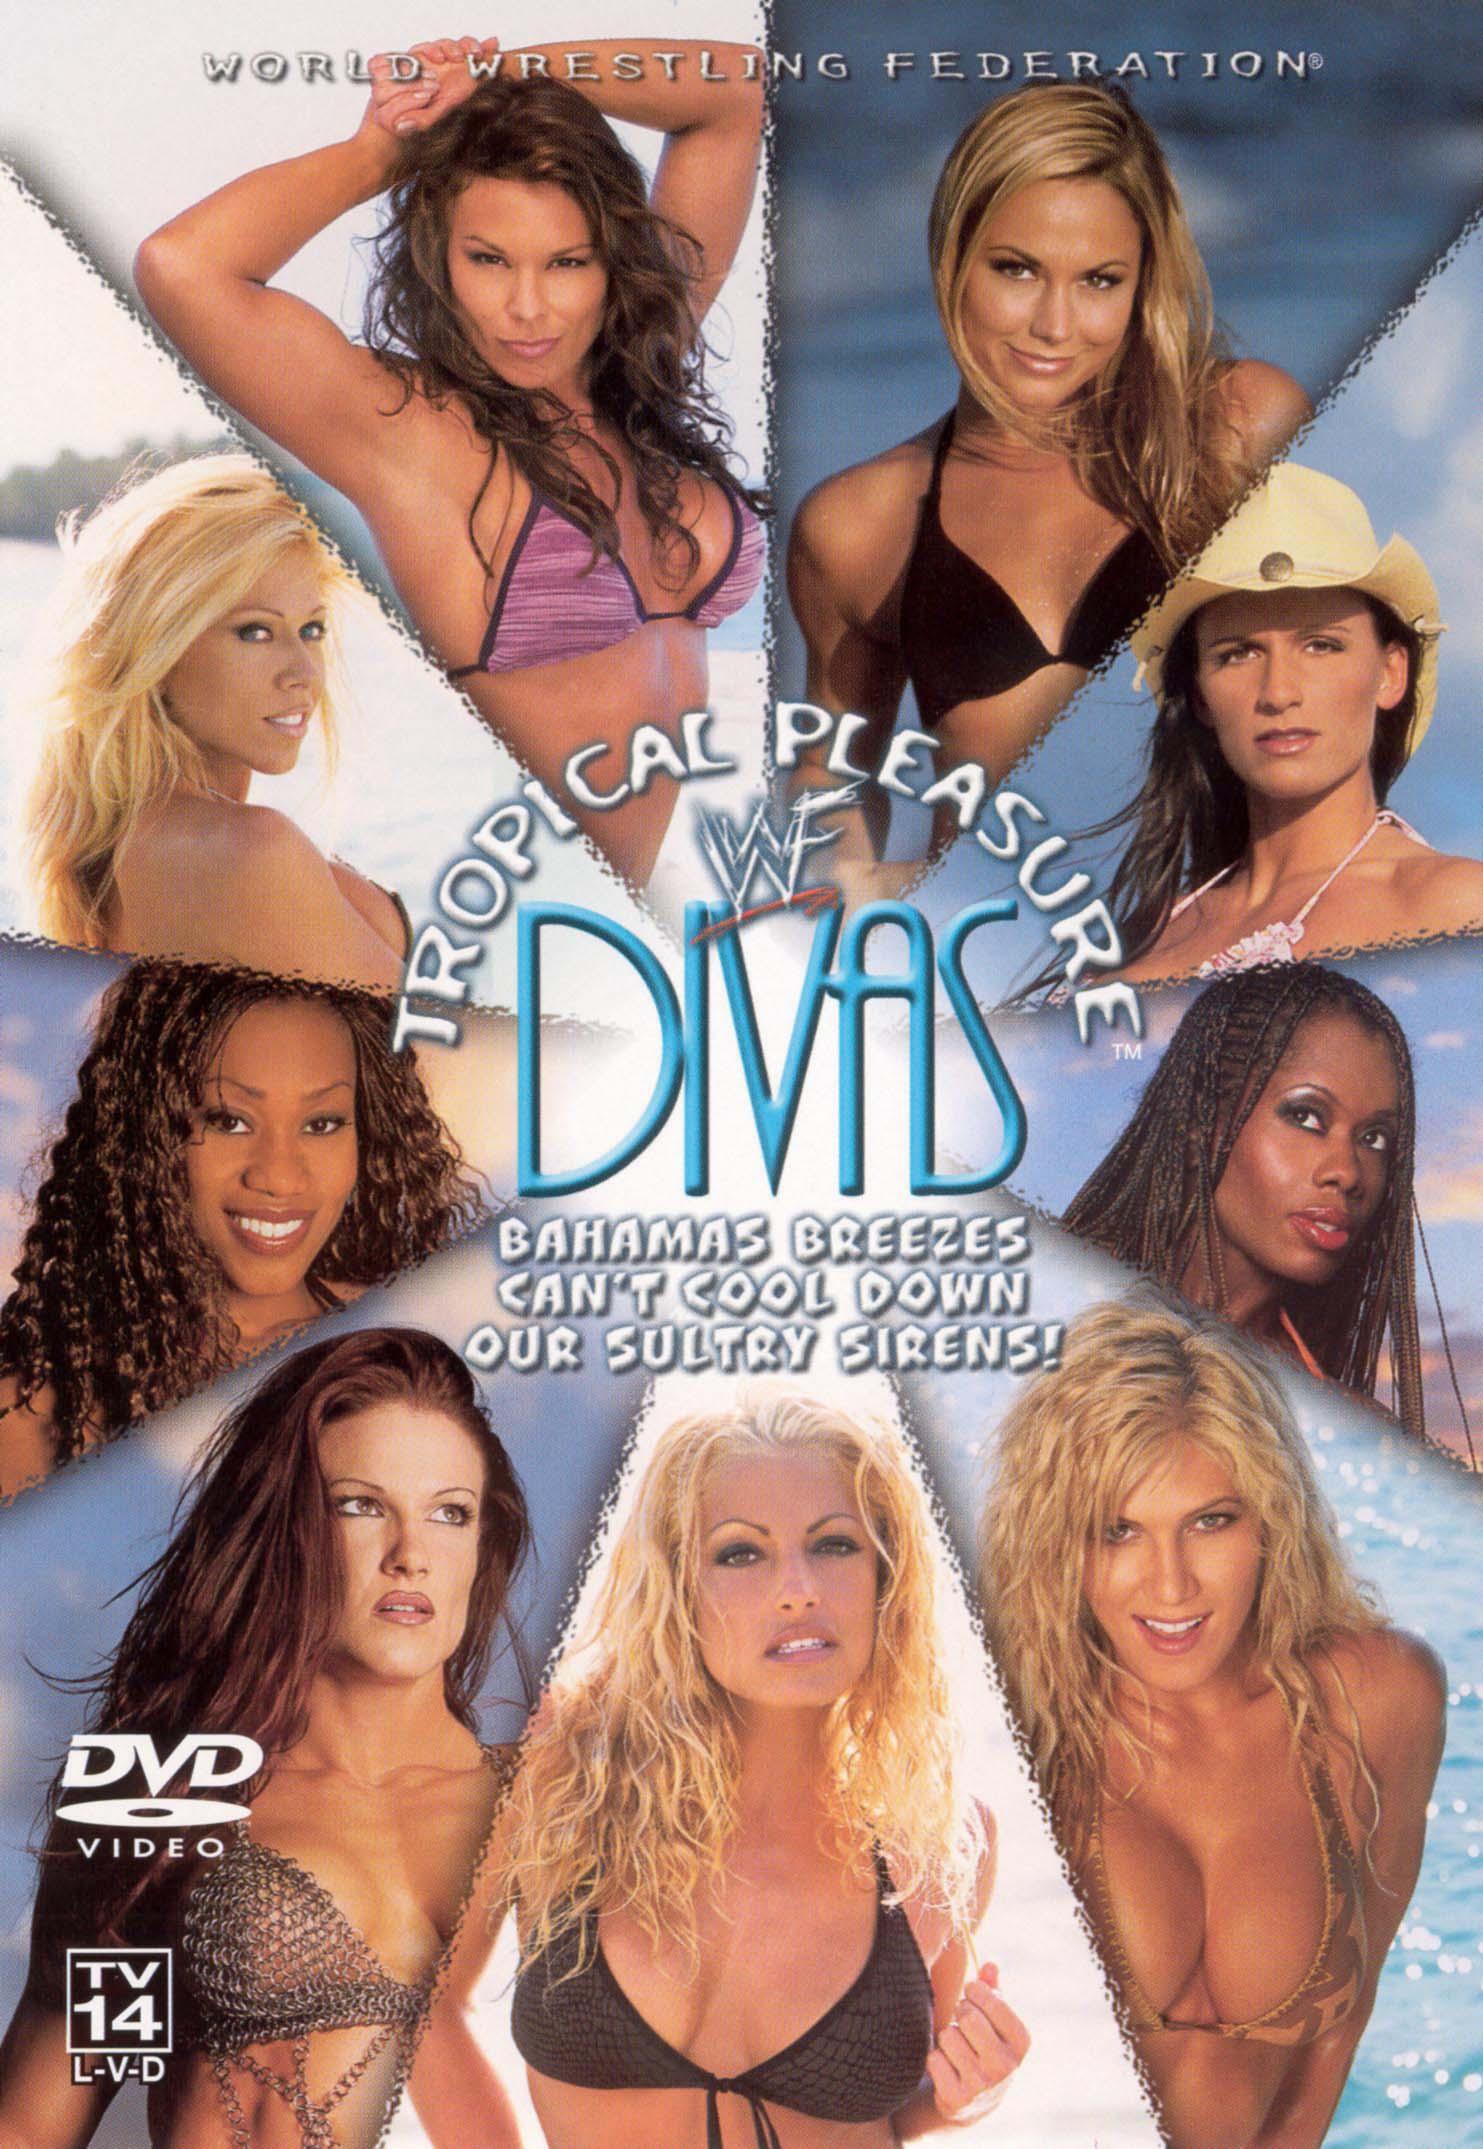 WWF: Divas